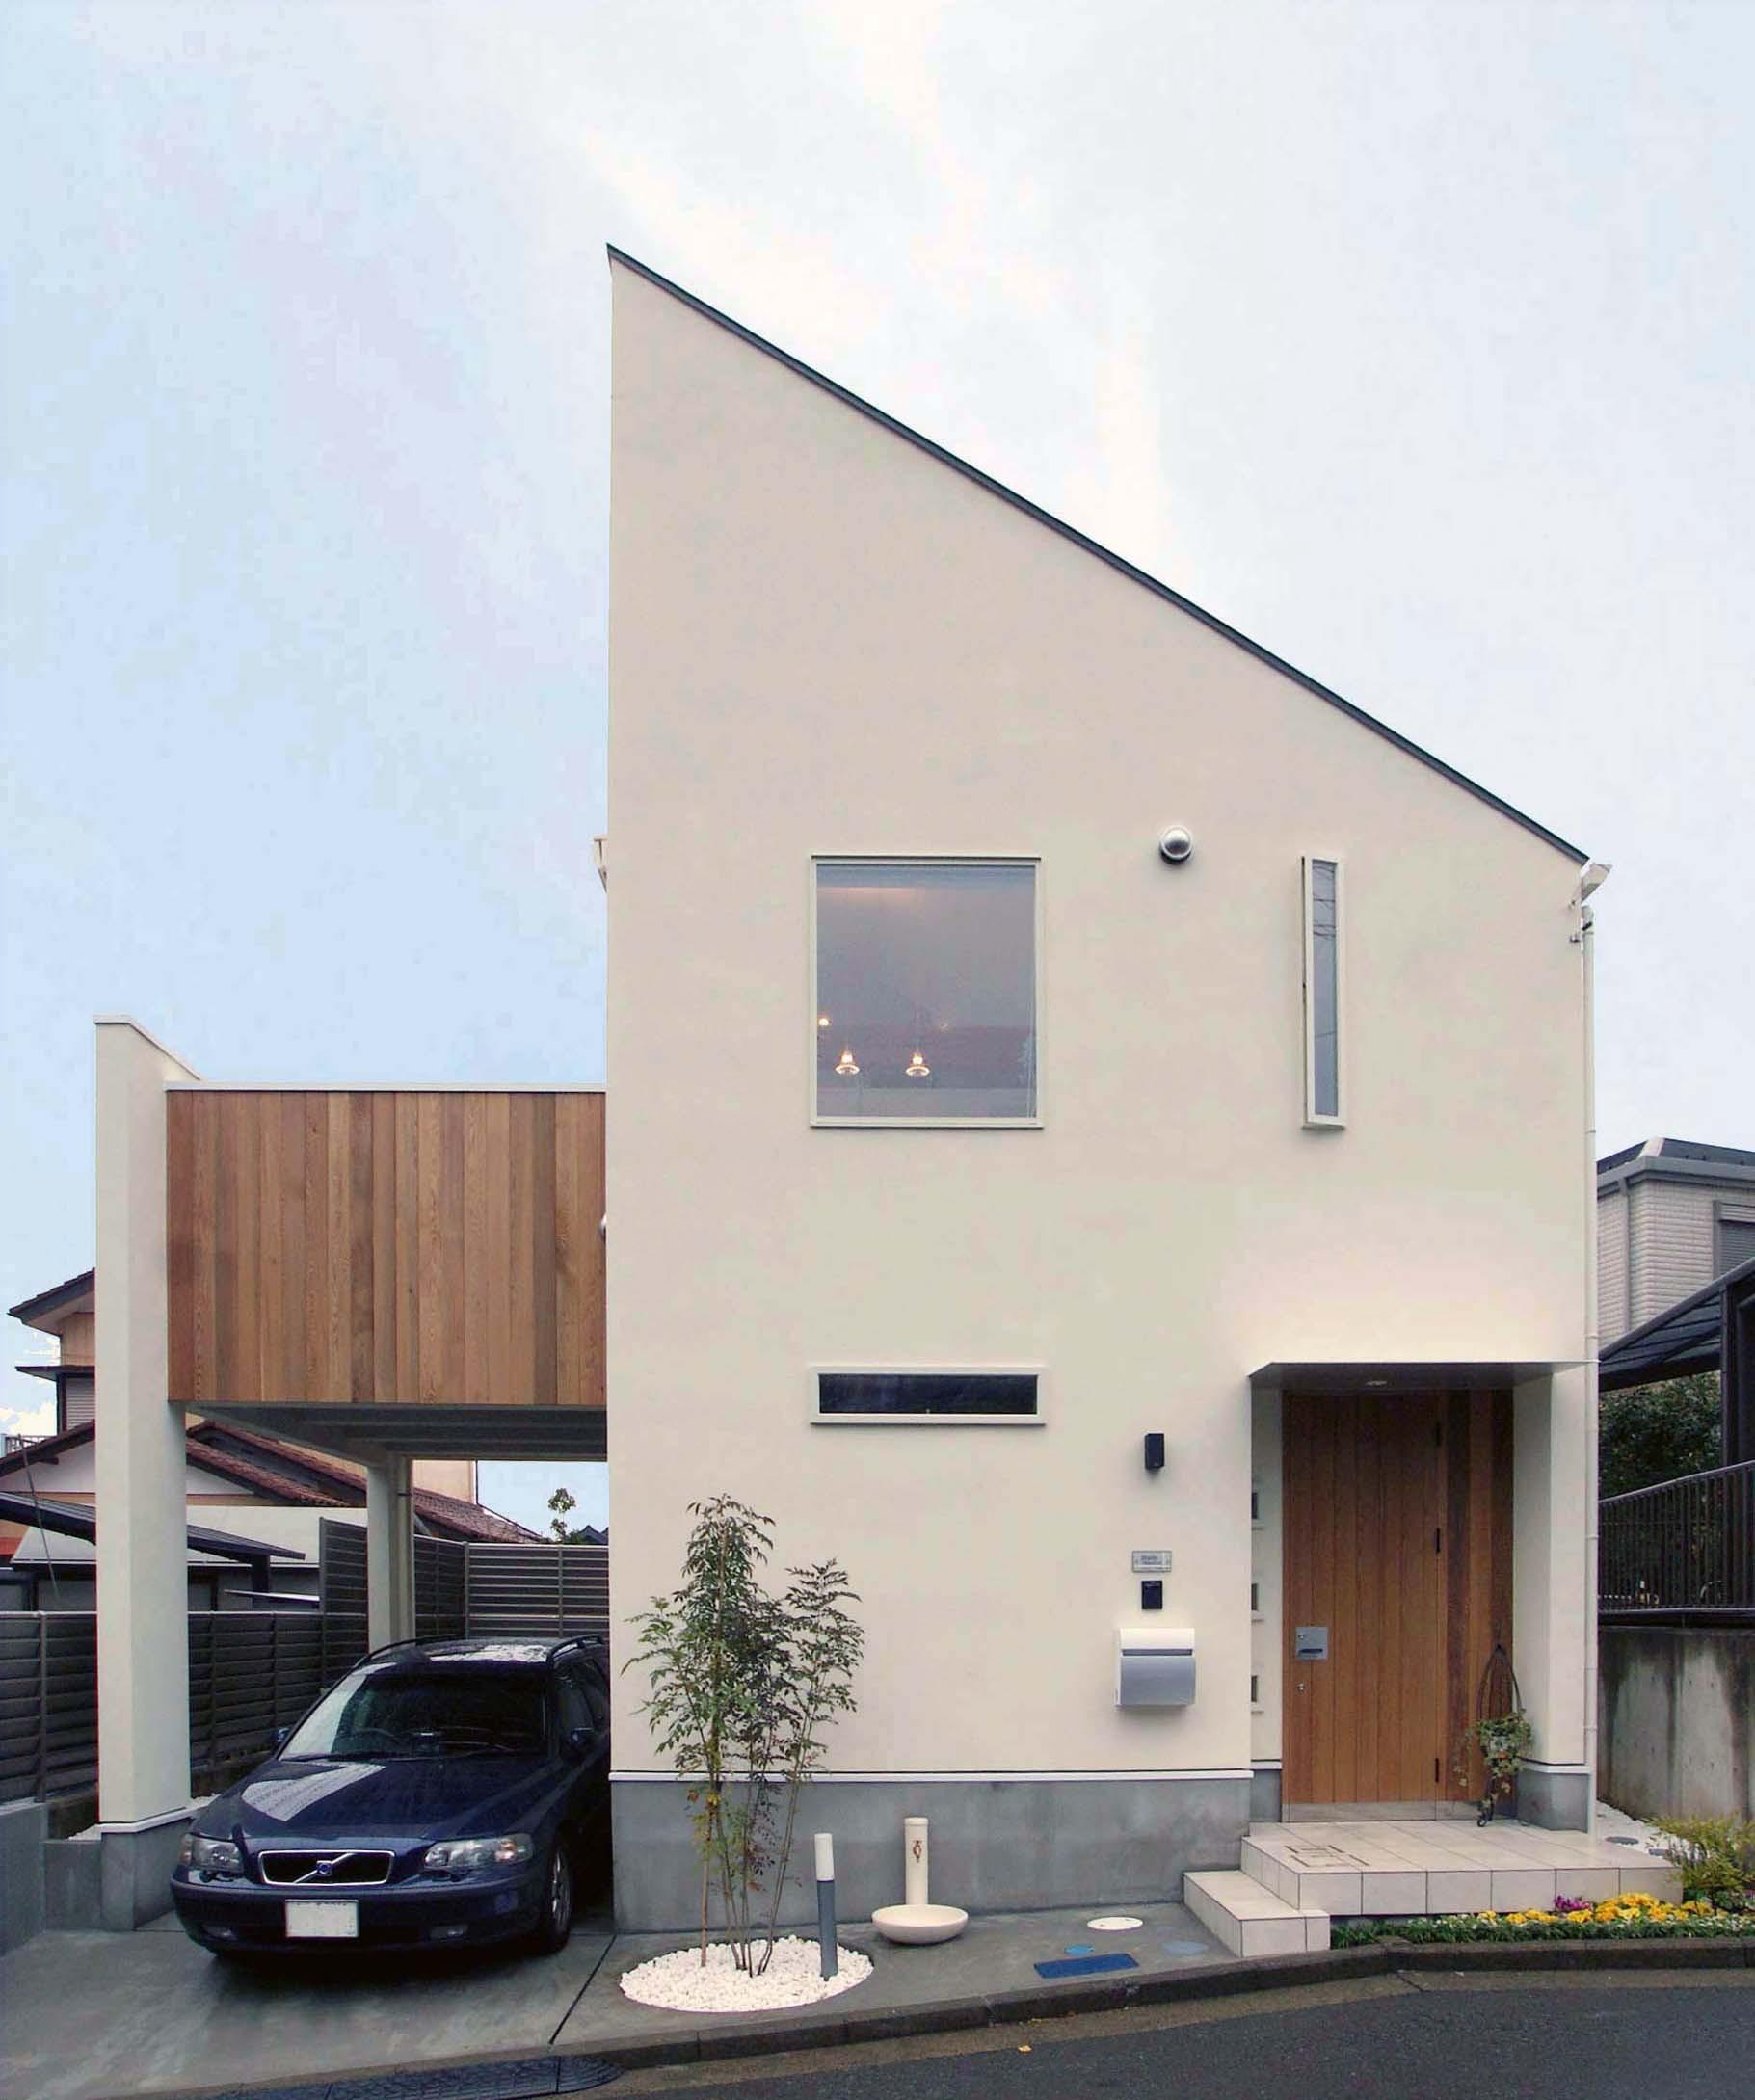 外観事例:大きなバルコニーのある狭小住宅外観(house-hol)